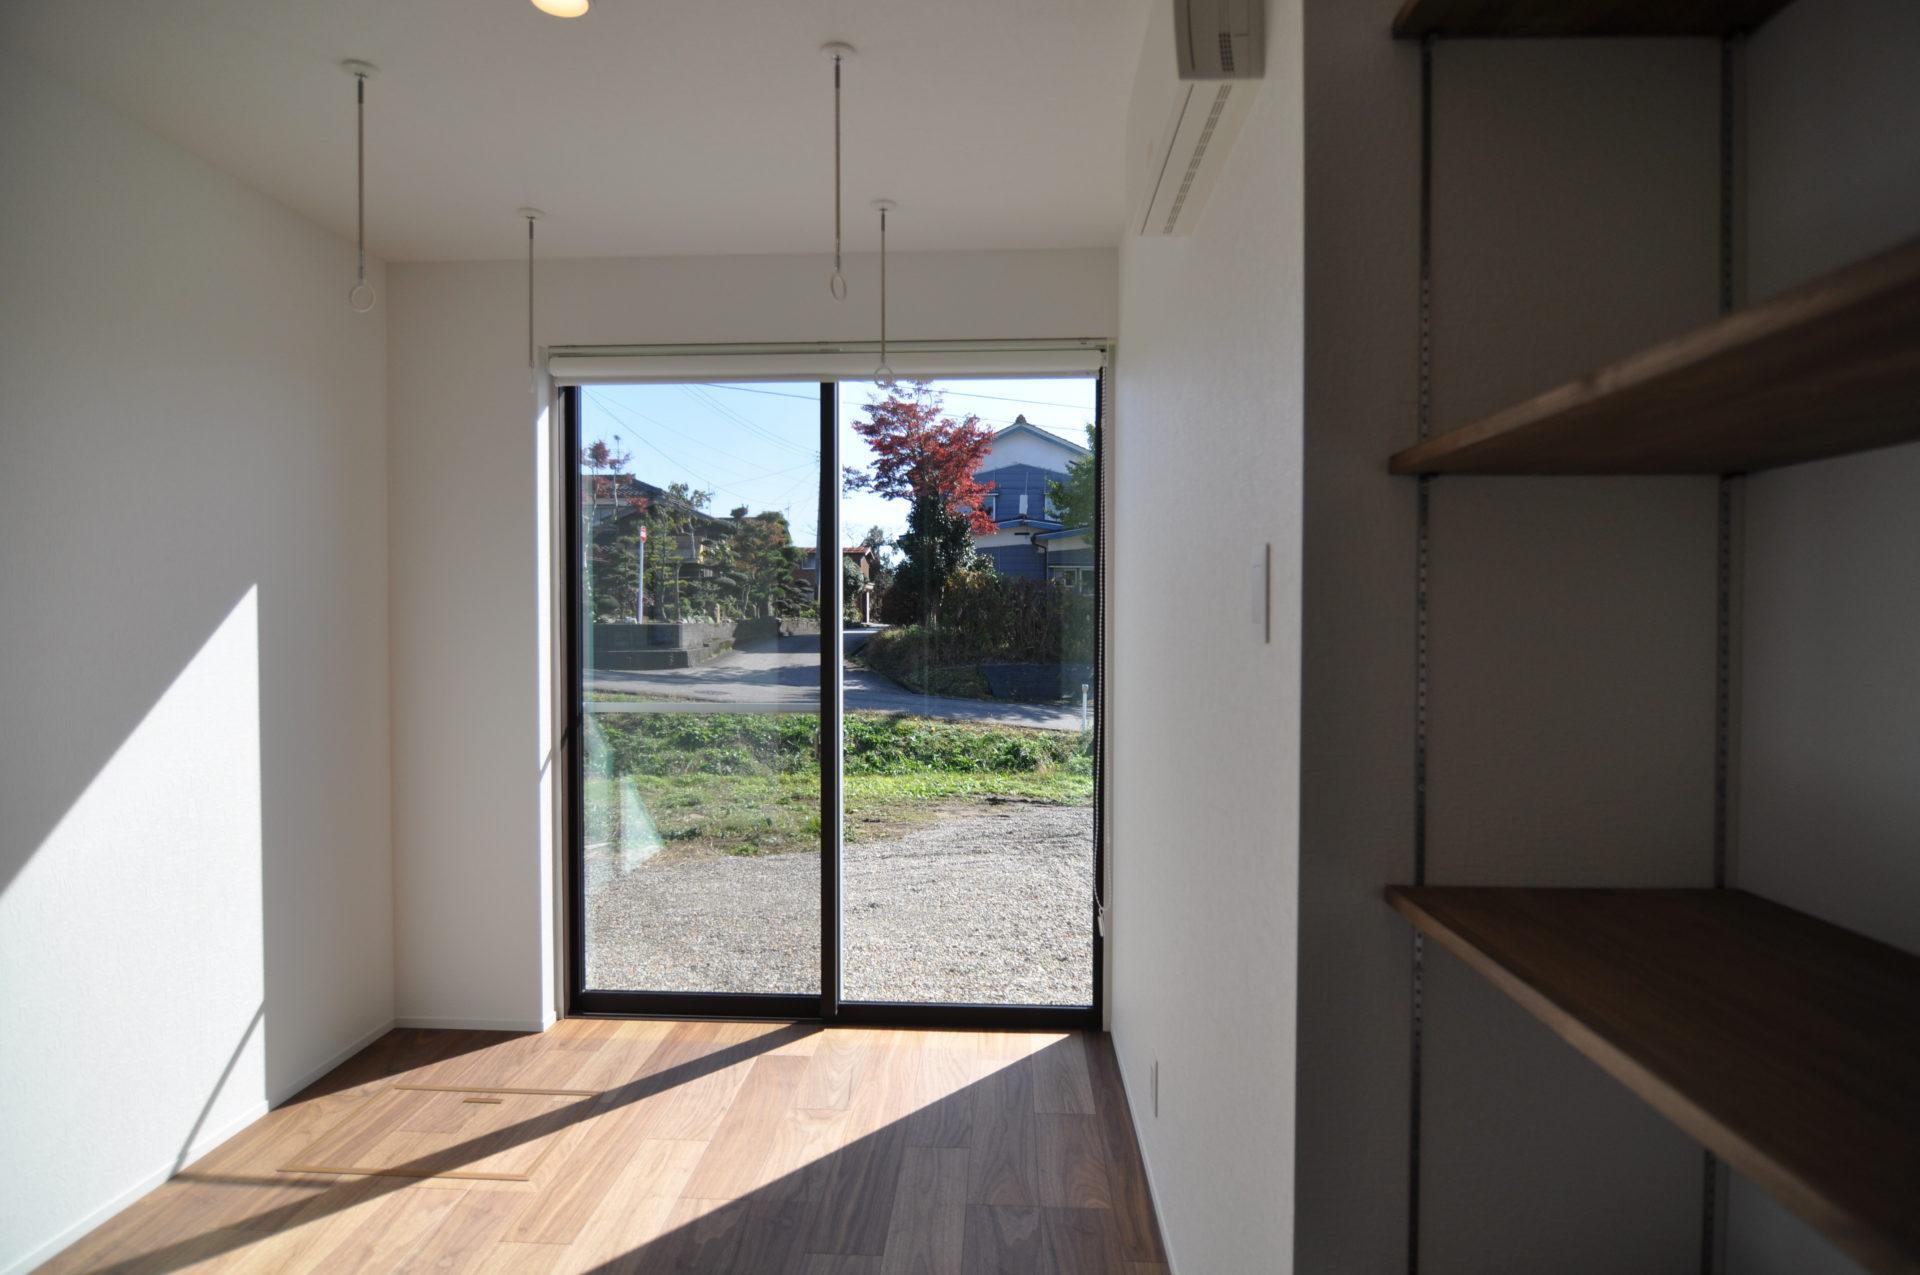 有限会社 市川建築店 1級建築士事務所「三条市 O様邸」のシンプル・ナチュラルなundefinedの実例写真